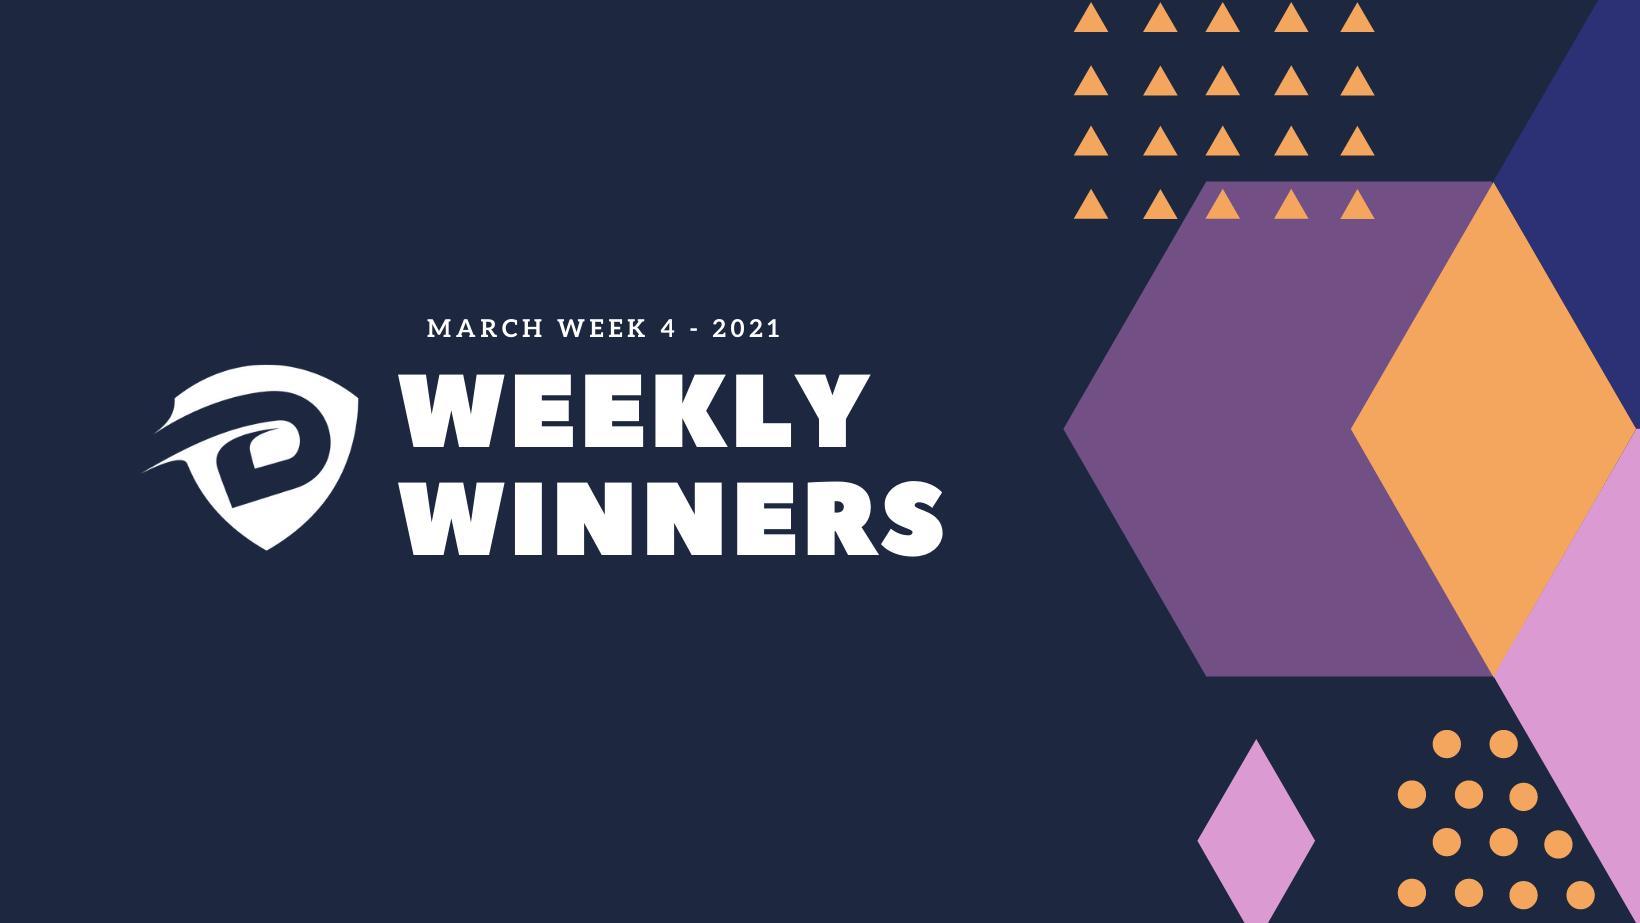 DevDojo Weekly Winners Week 4 March 2021